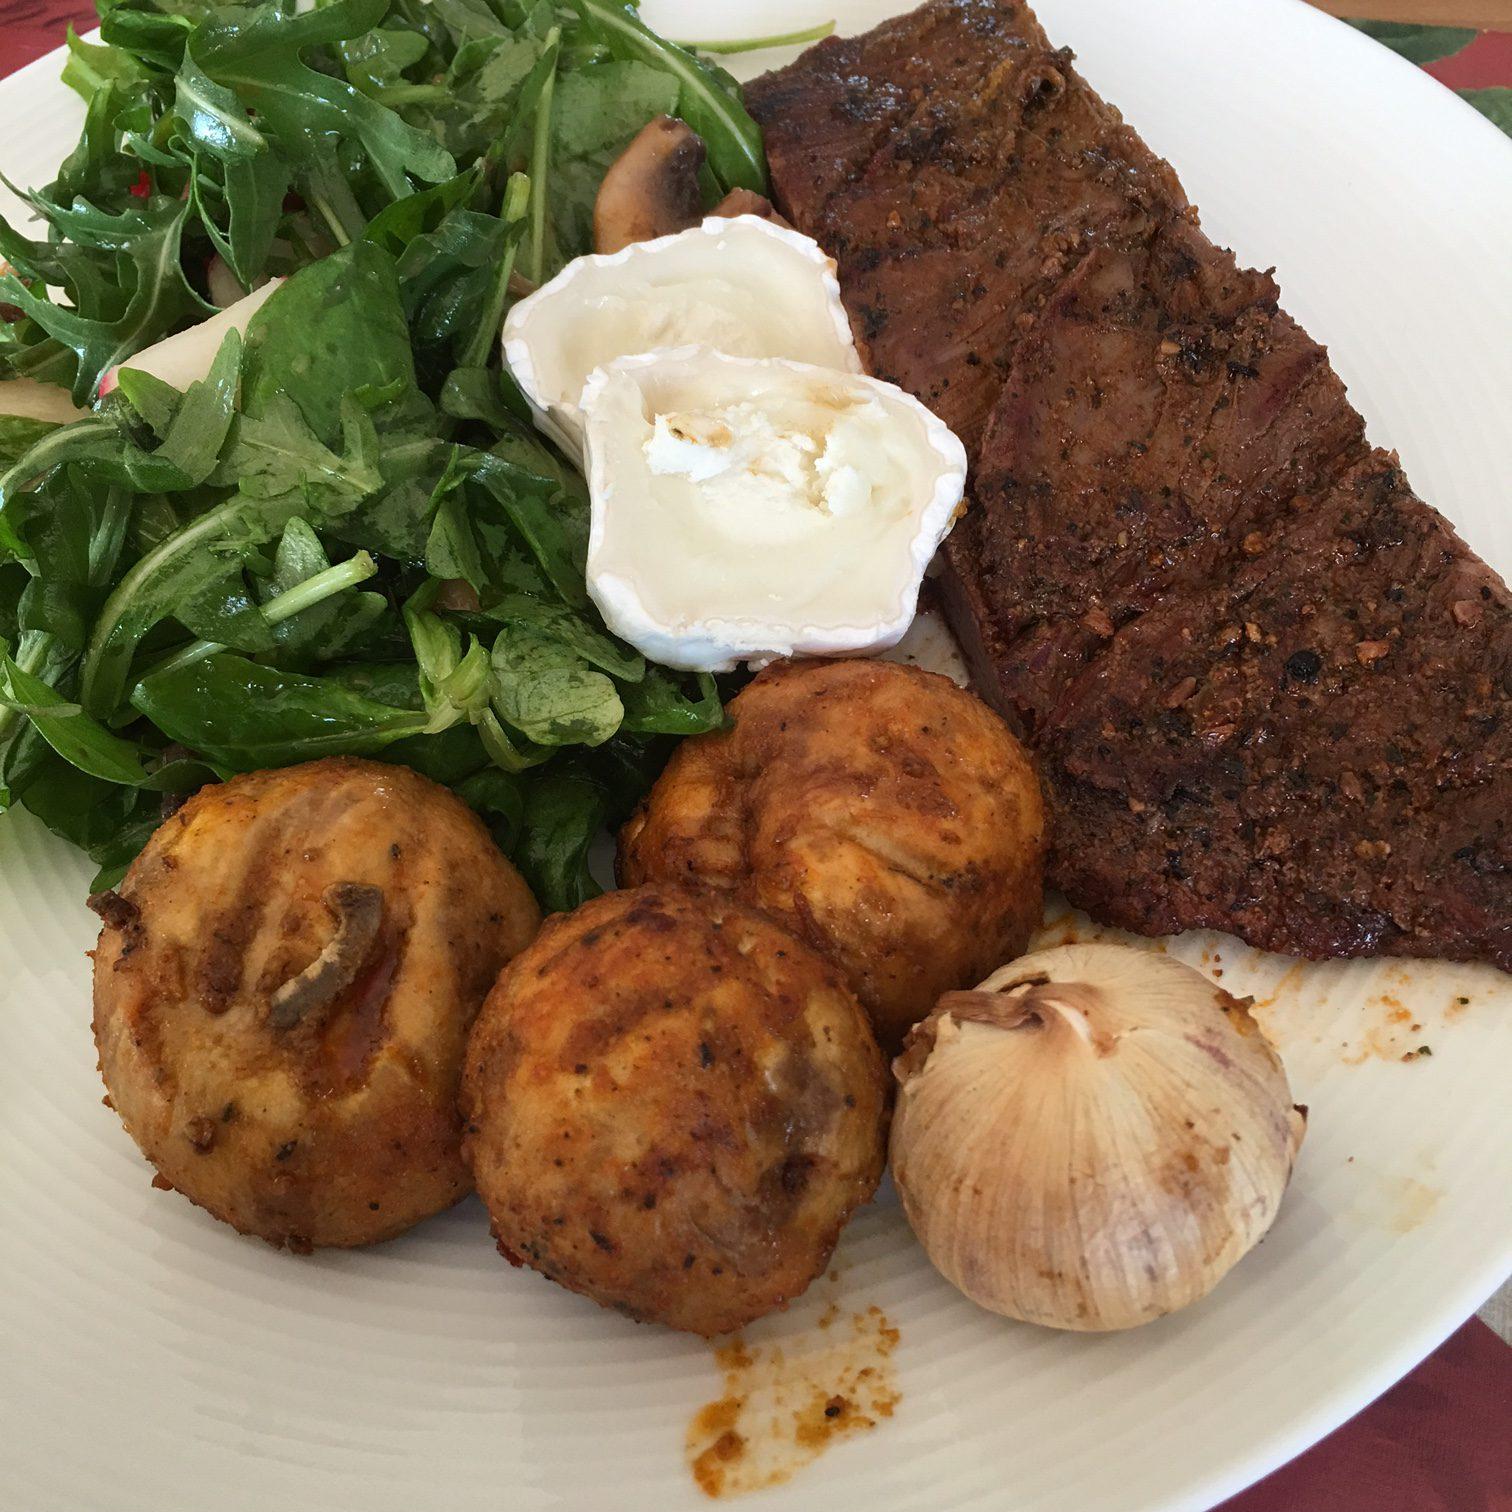 Dagens grill: Flankstek med grönsallad och champinjoner